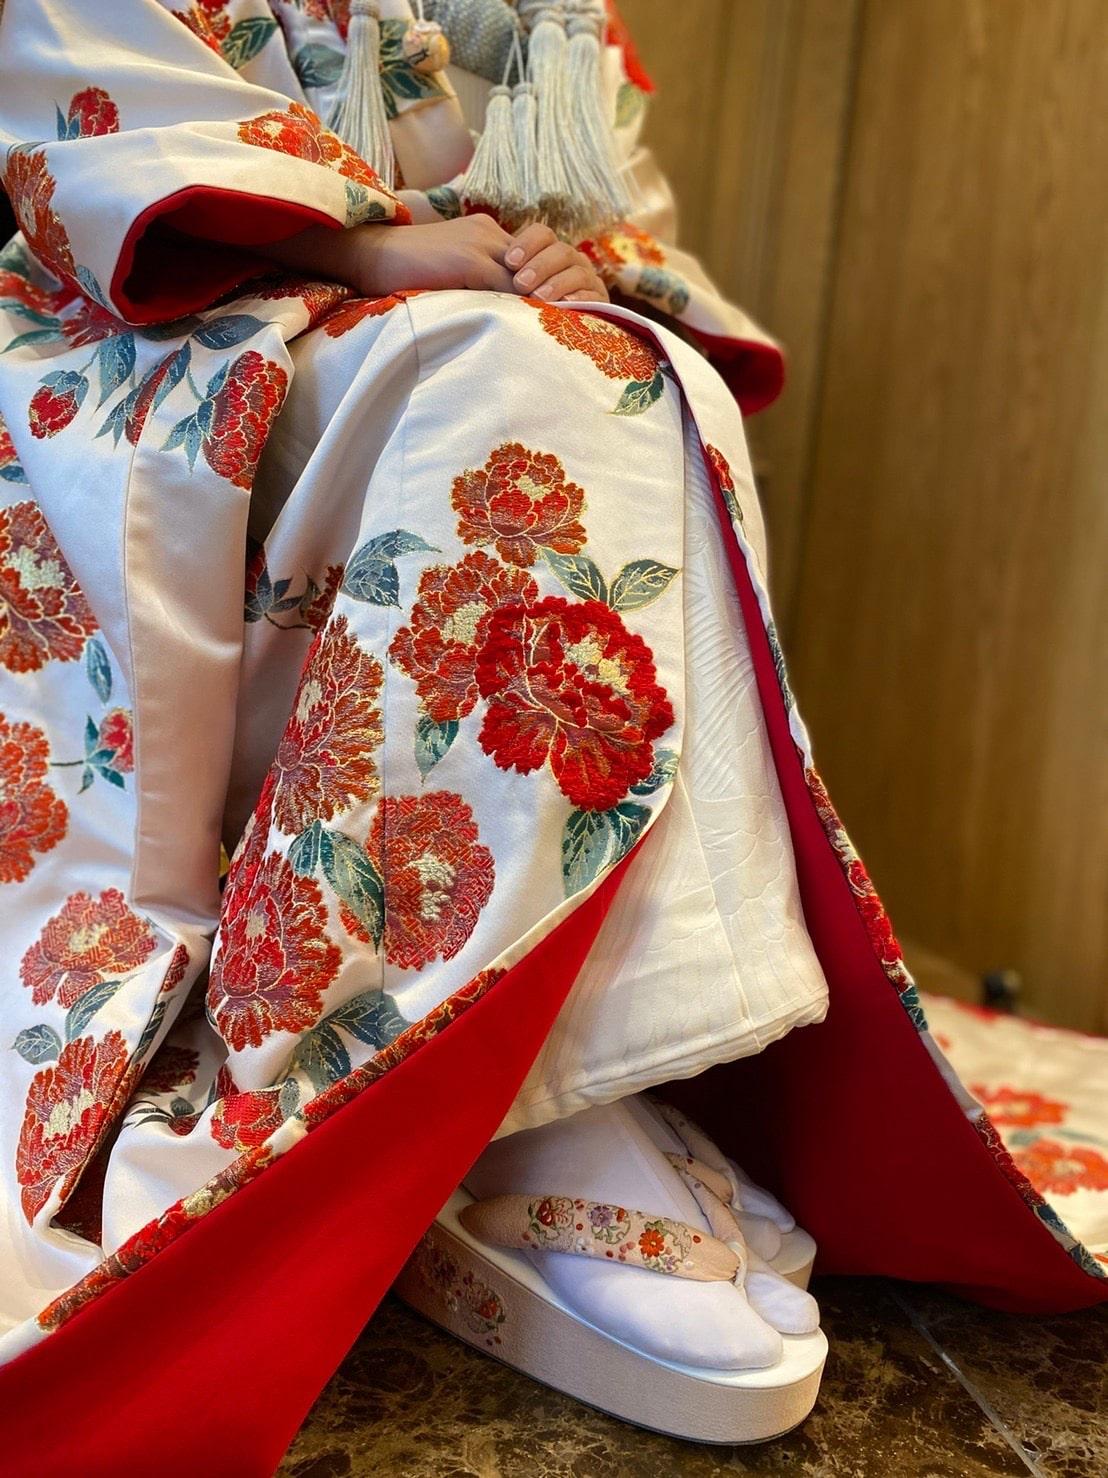 ザ・トリートドレッシング名古屋店がおすすめするモダンな和装のコーディネート